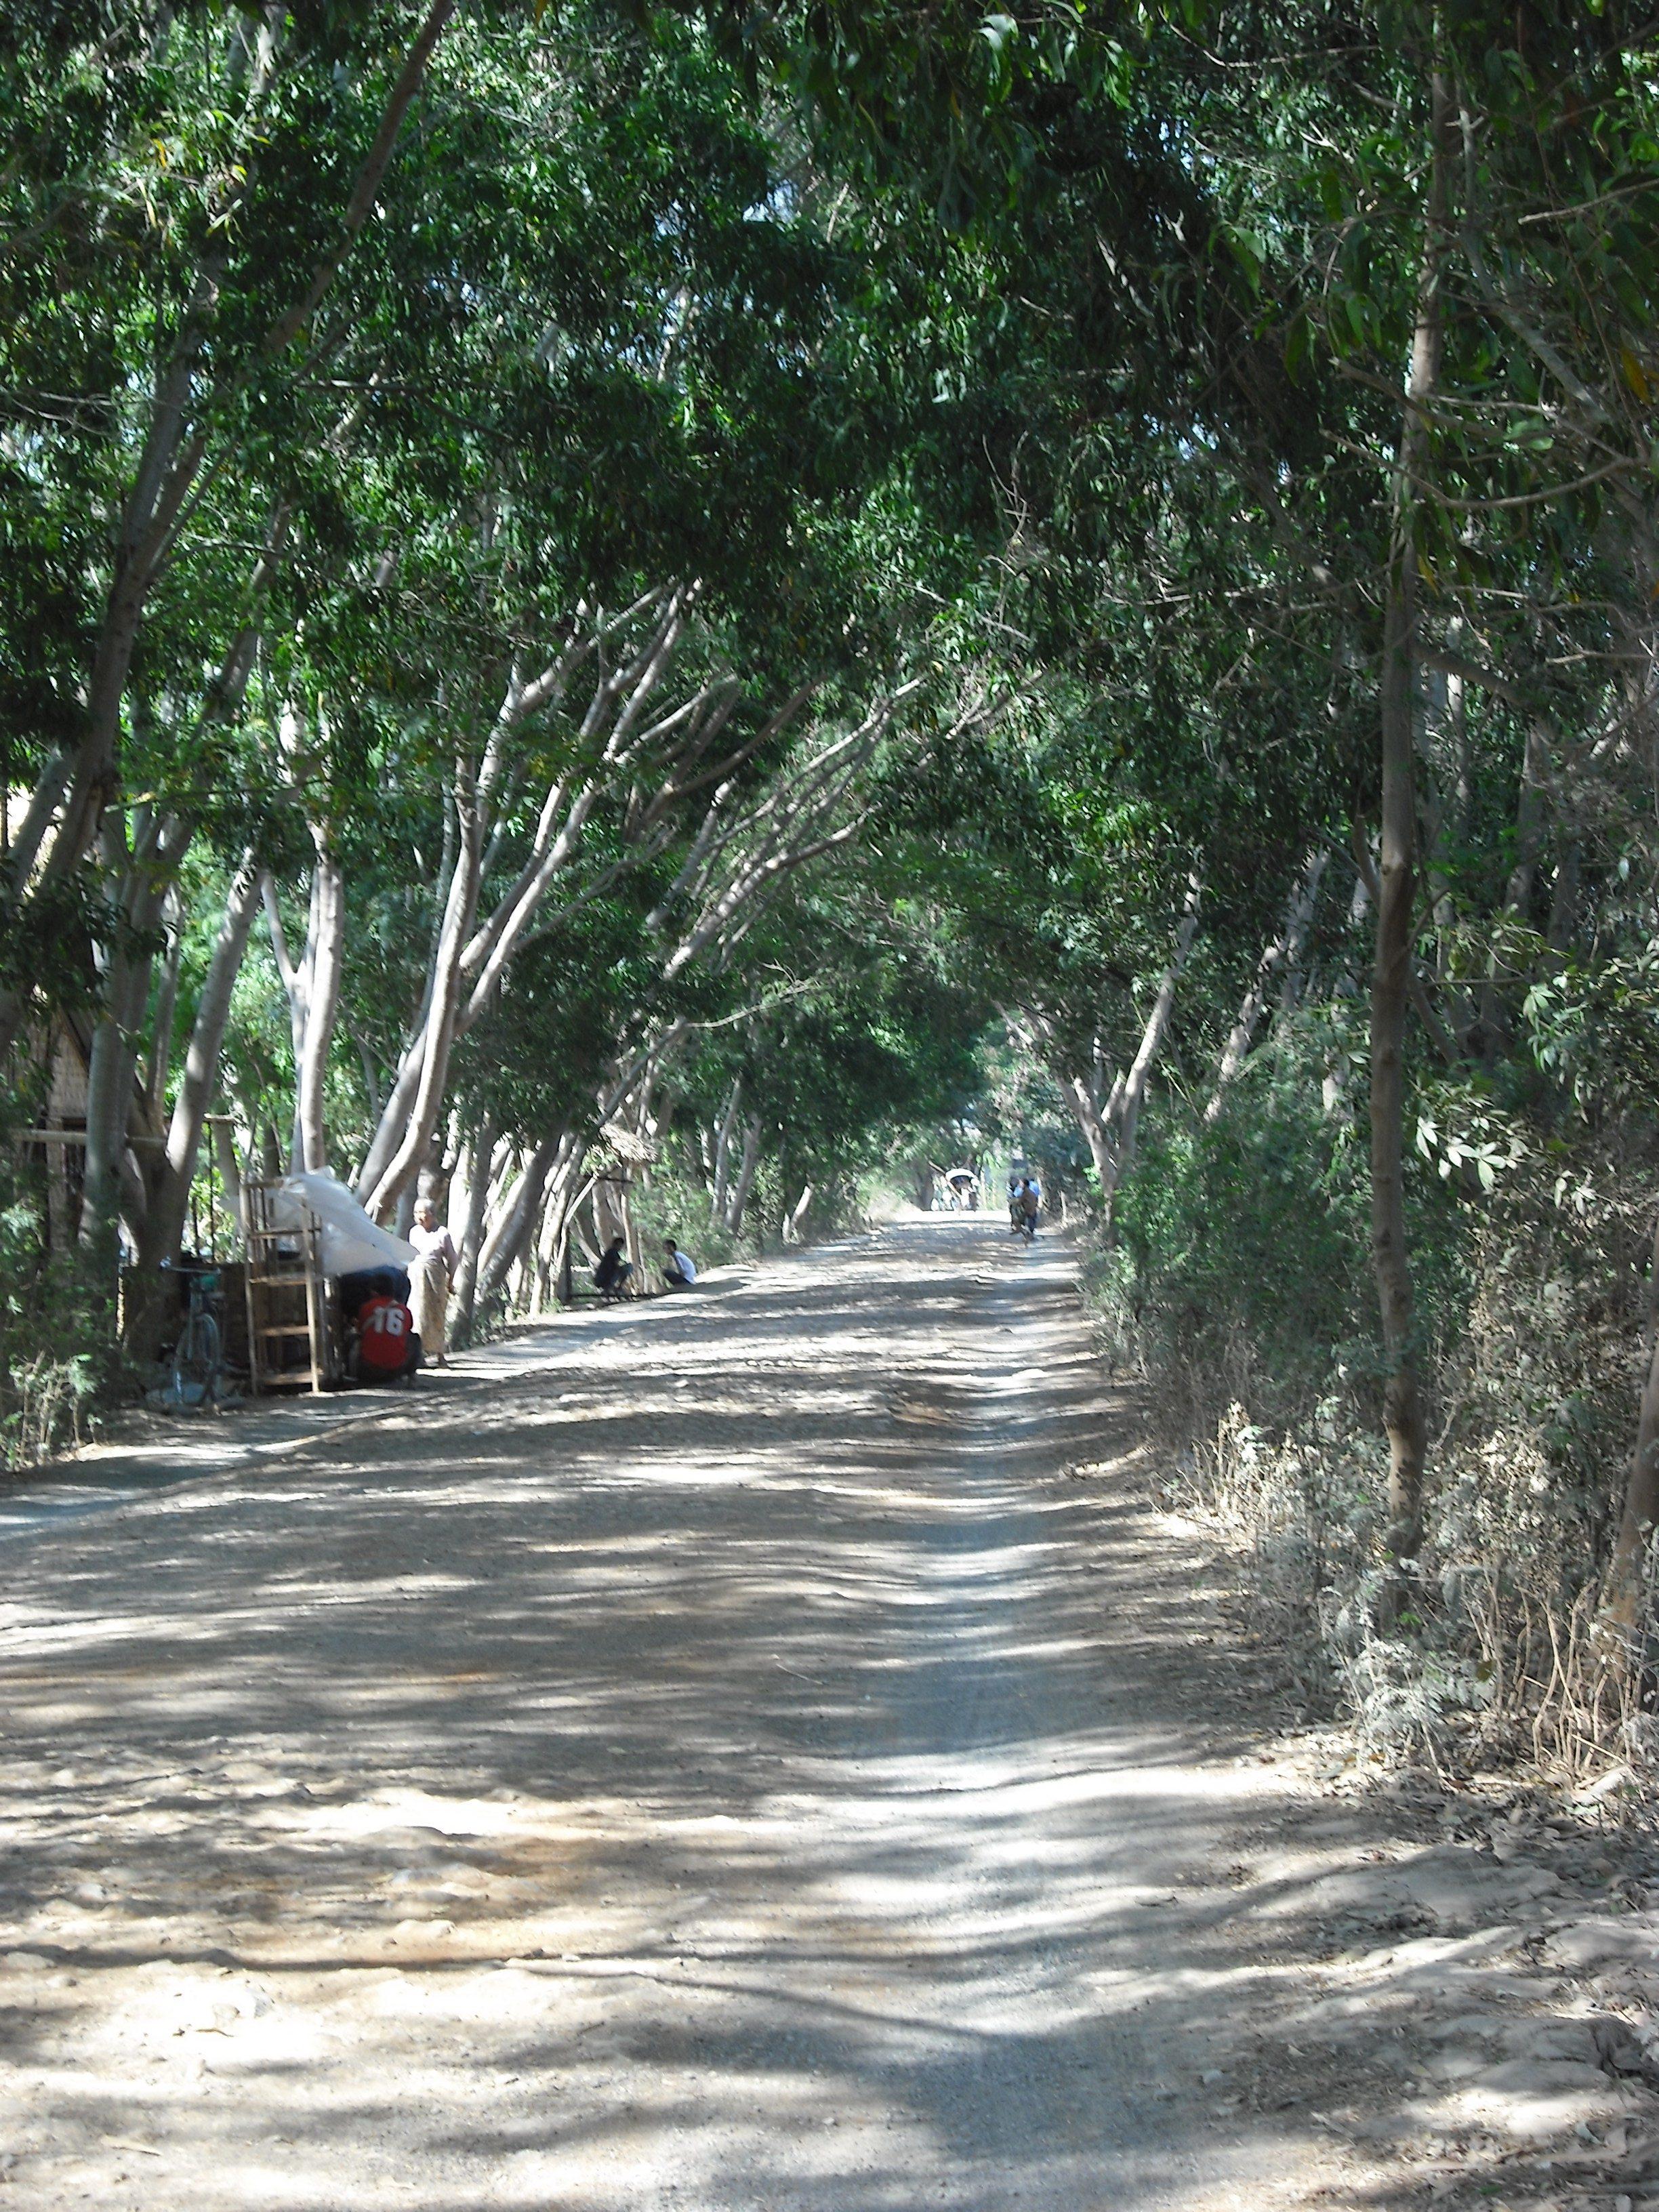 tree canopy road